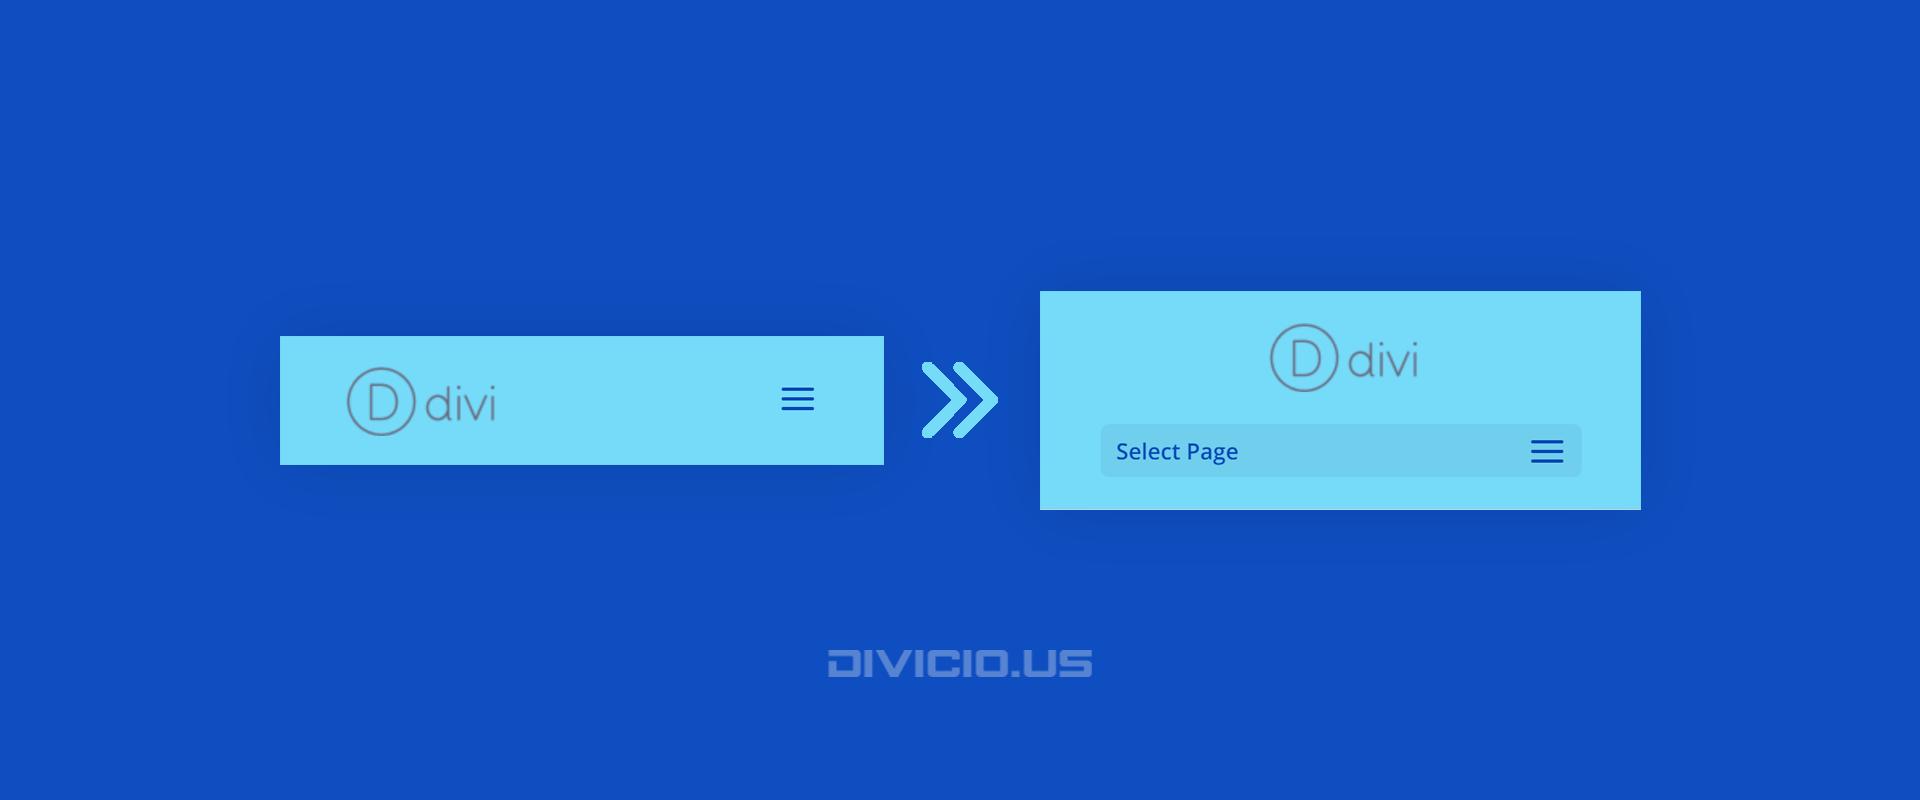 Turn Divi Default Header Into Centered Header On Mobile